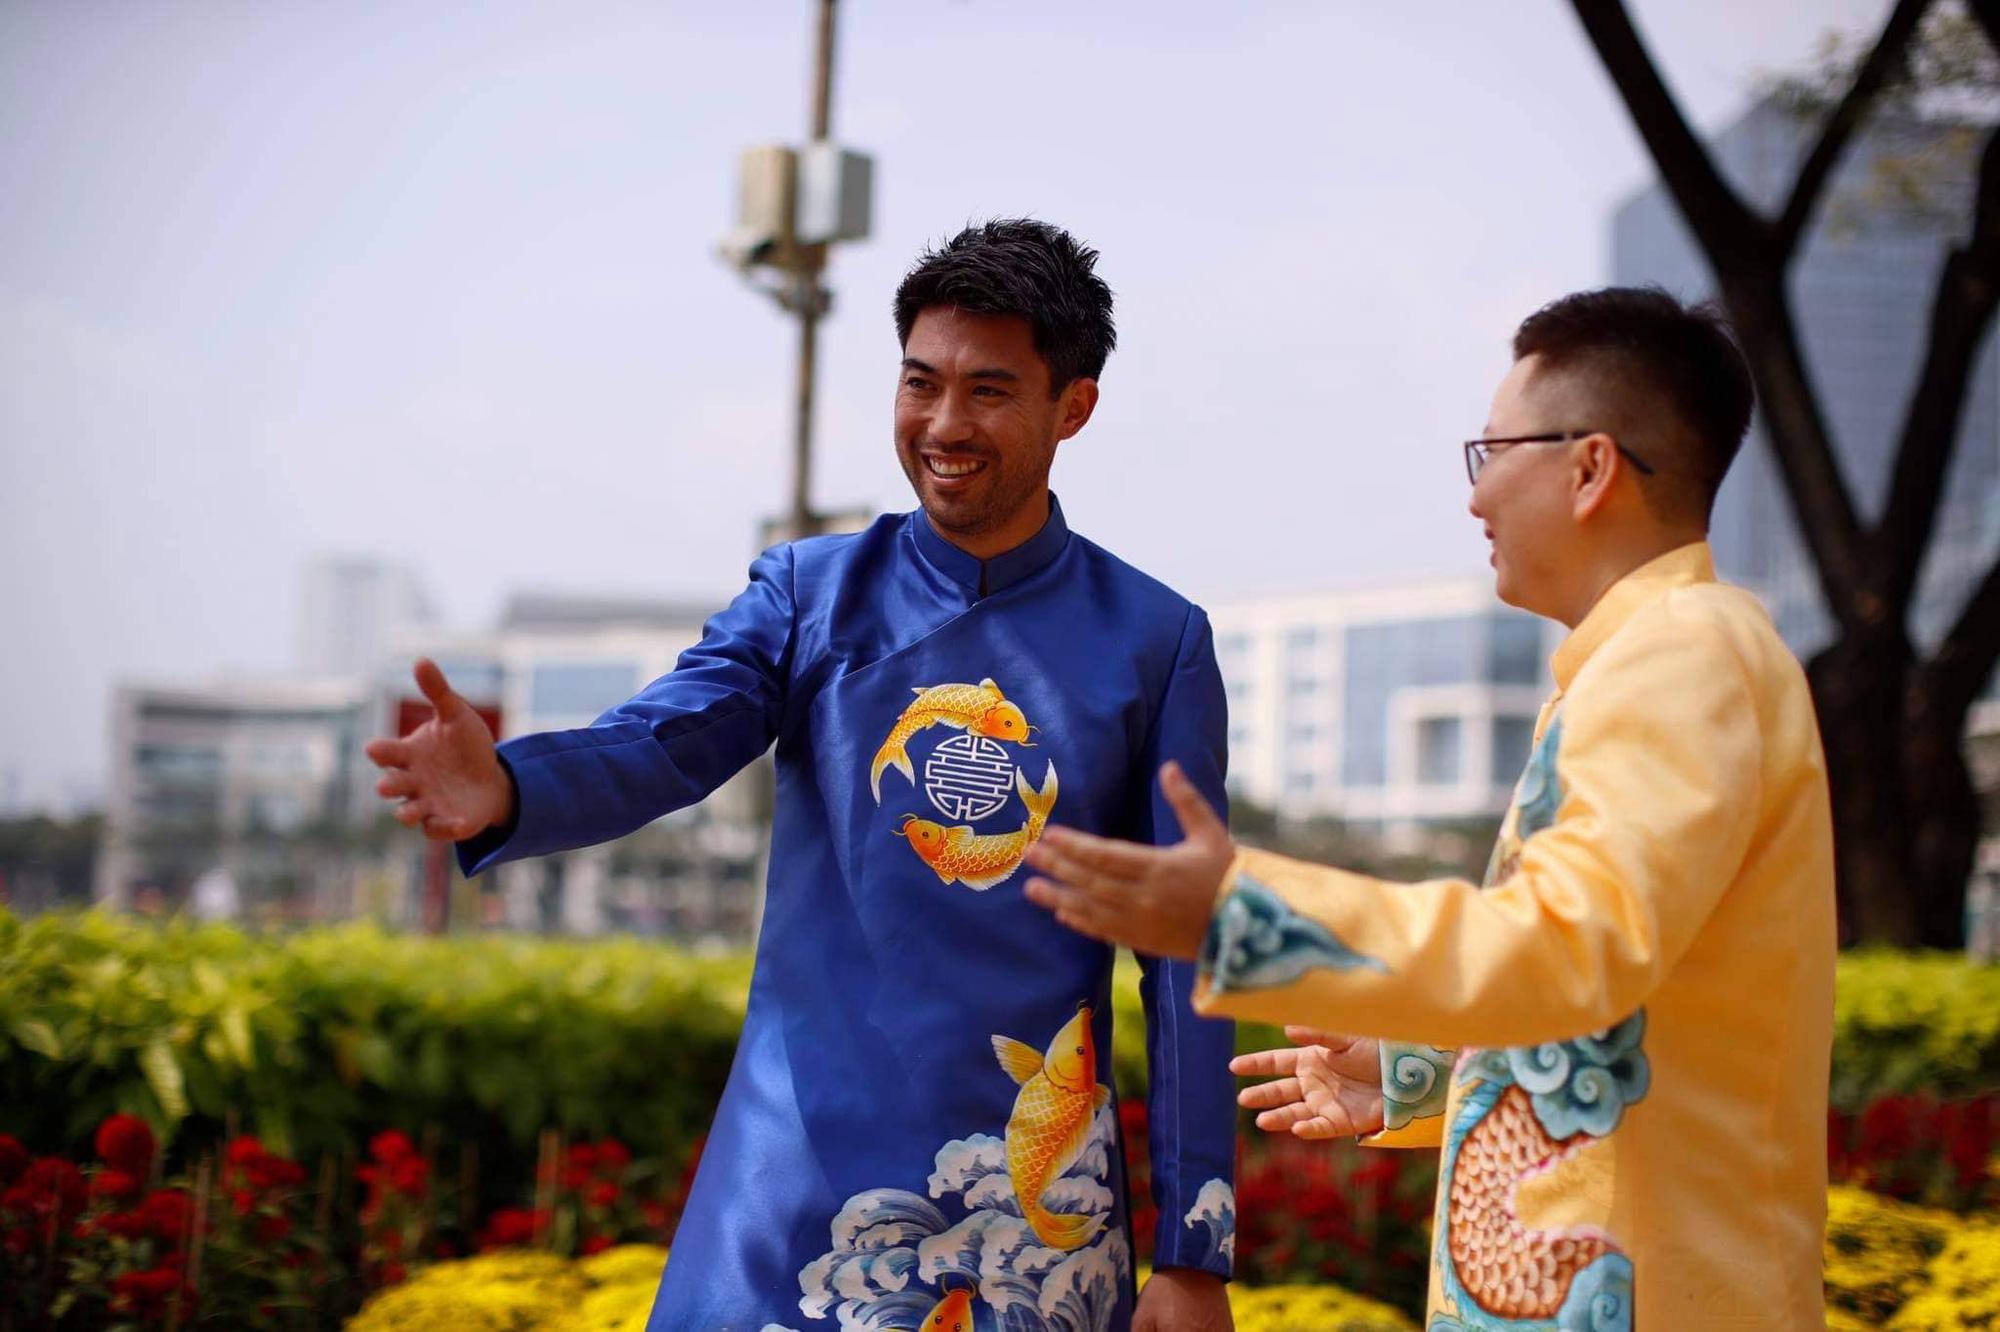 Lee Nguyễn rạng ngời trong bộ áo dài, háo hức đón Tết tại quê nội - Ảnh 1.